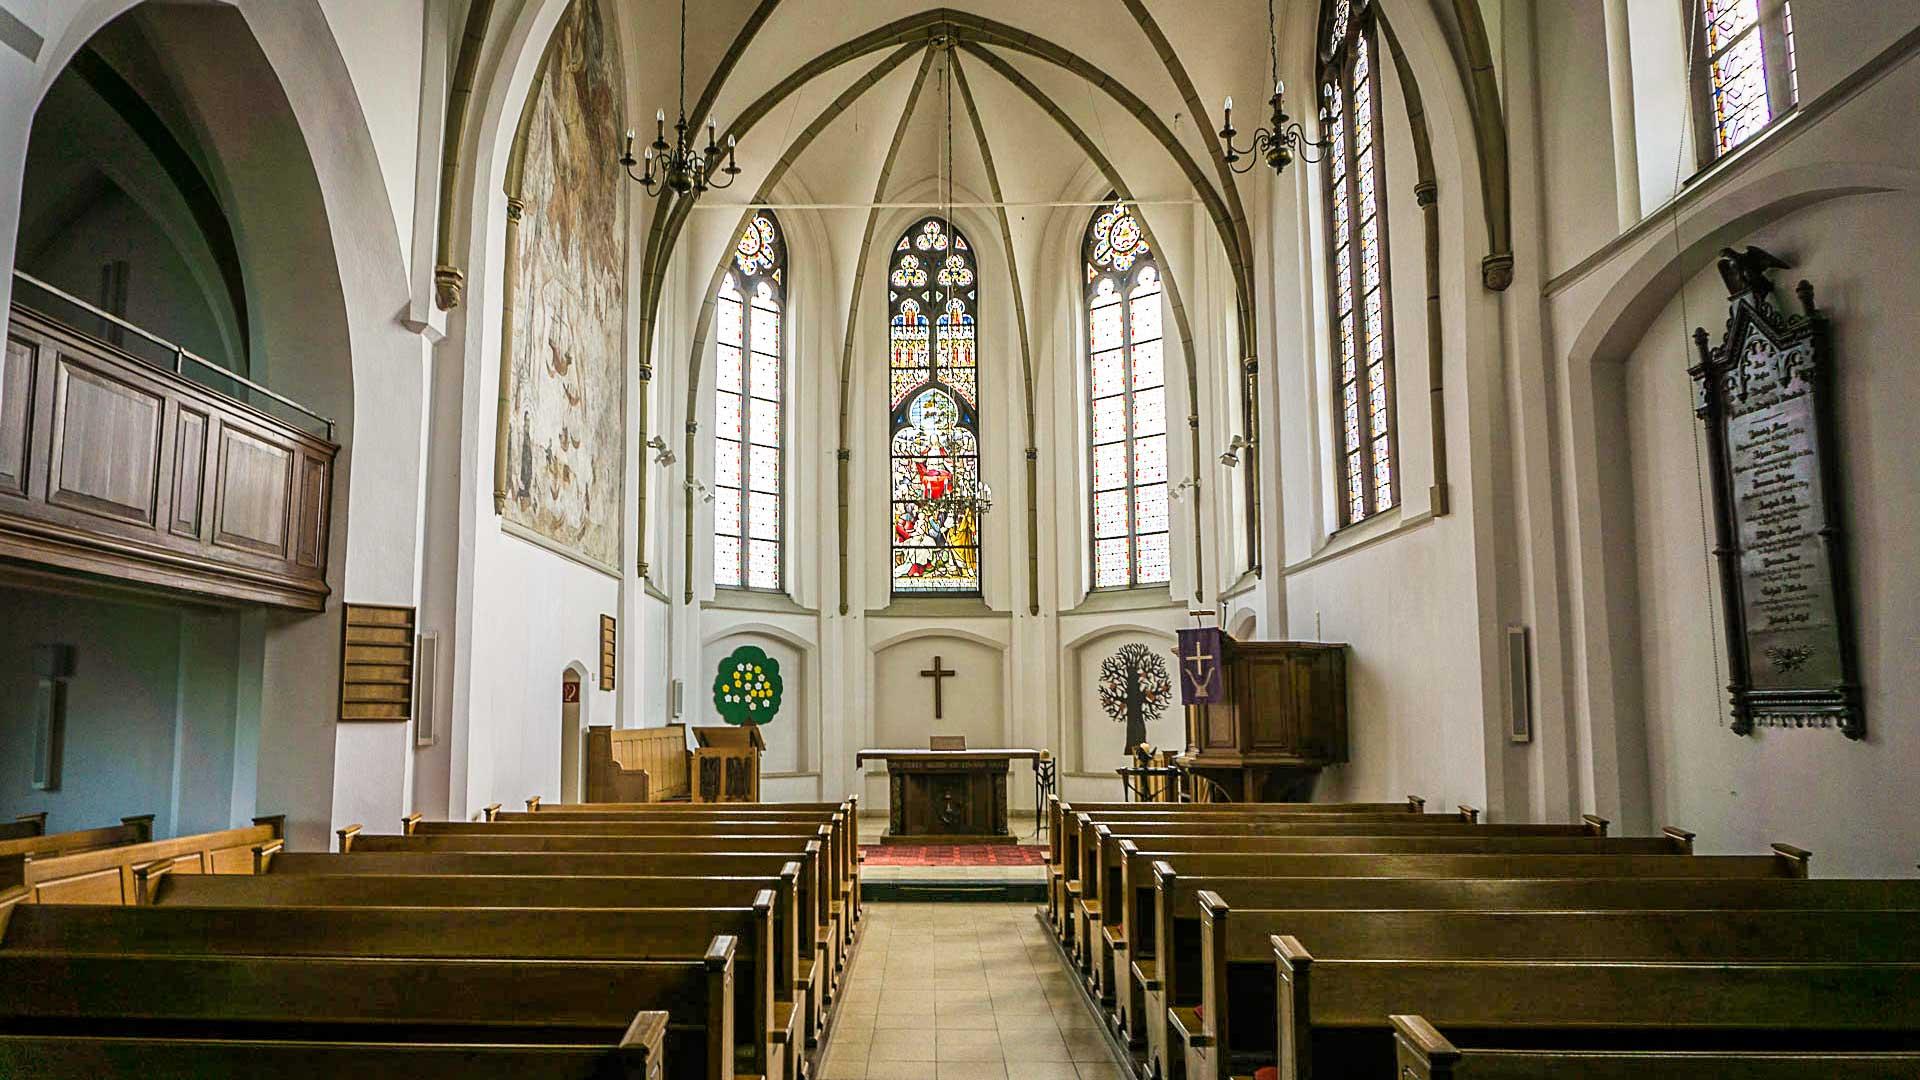 evangelische kirchengemeinde an der issel. Black Bedroom Furniture Sets. Home Design Ideas